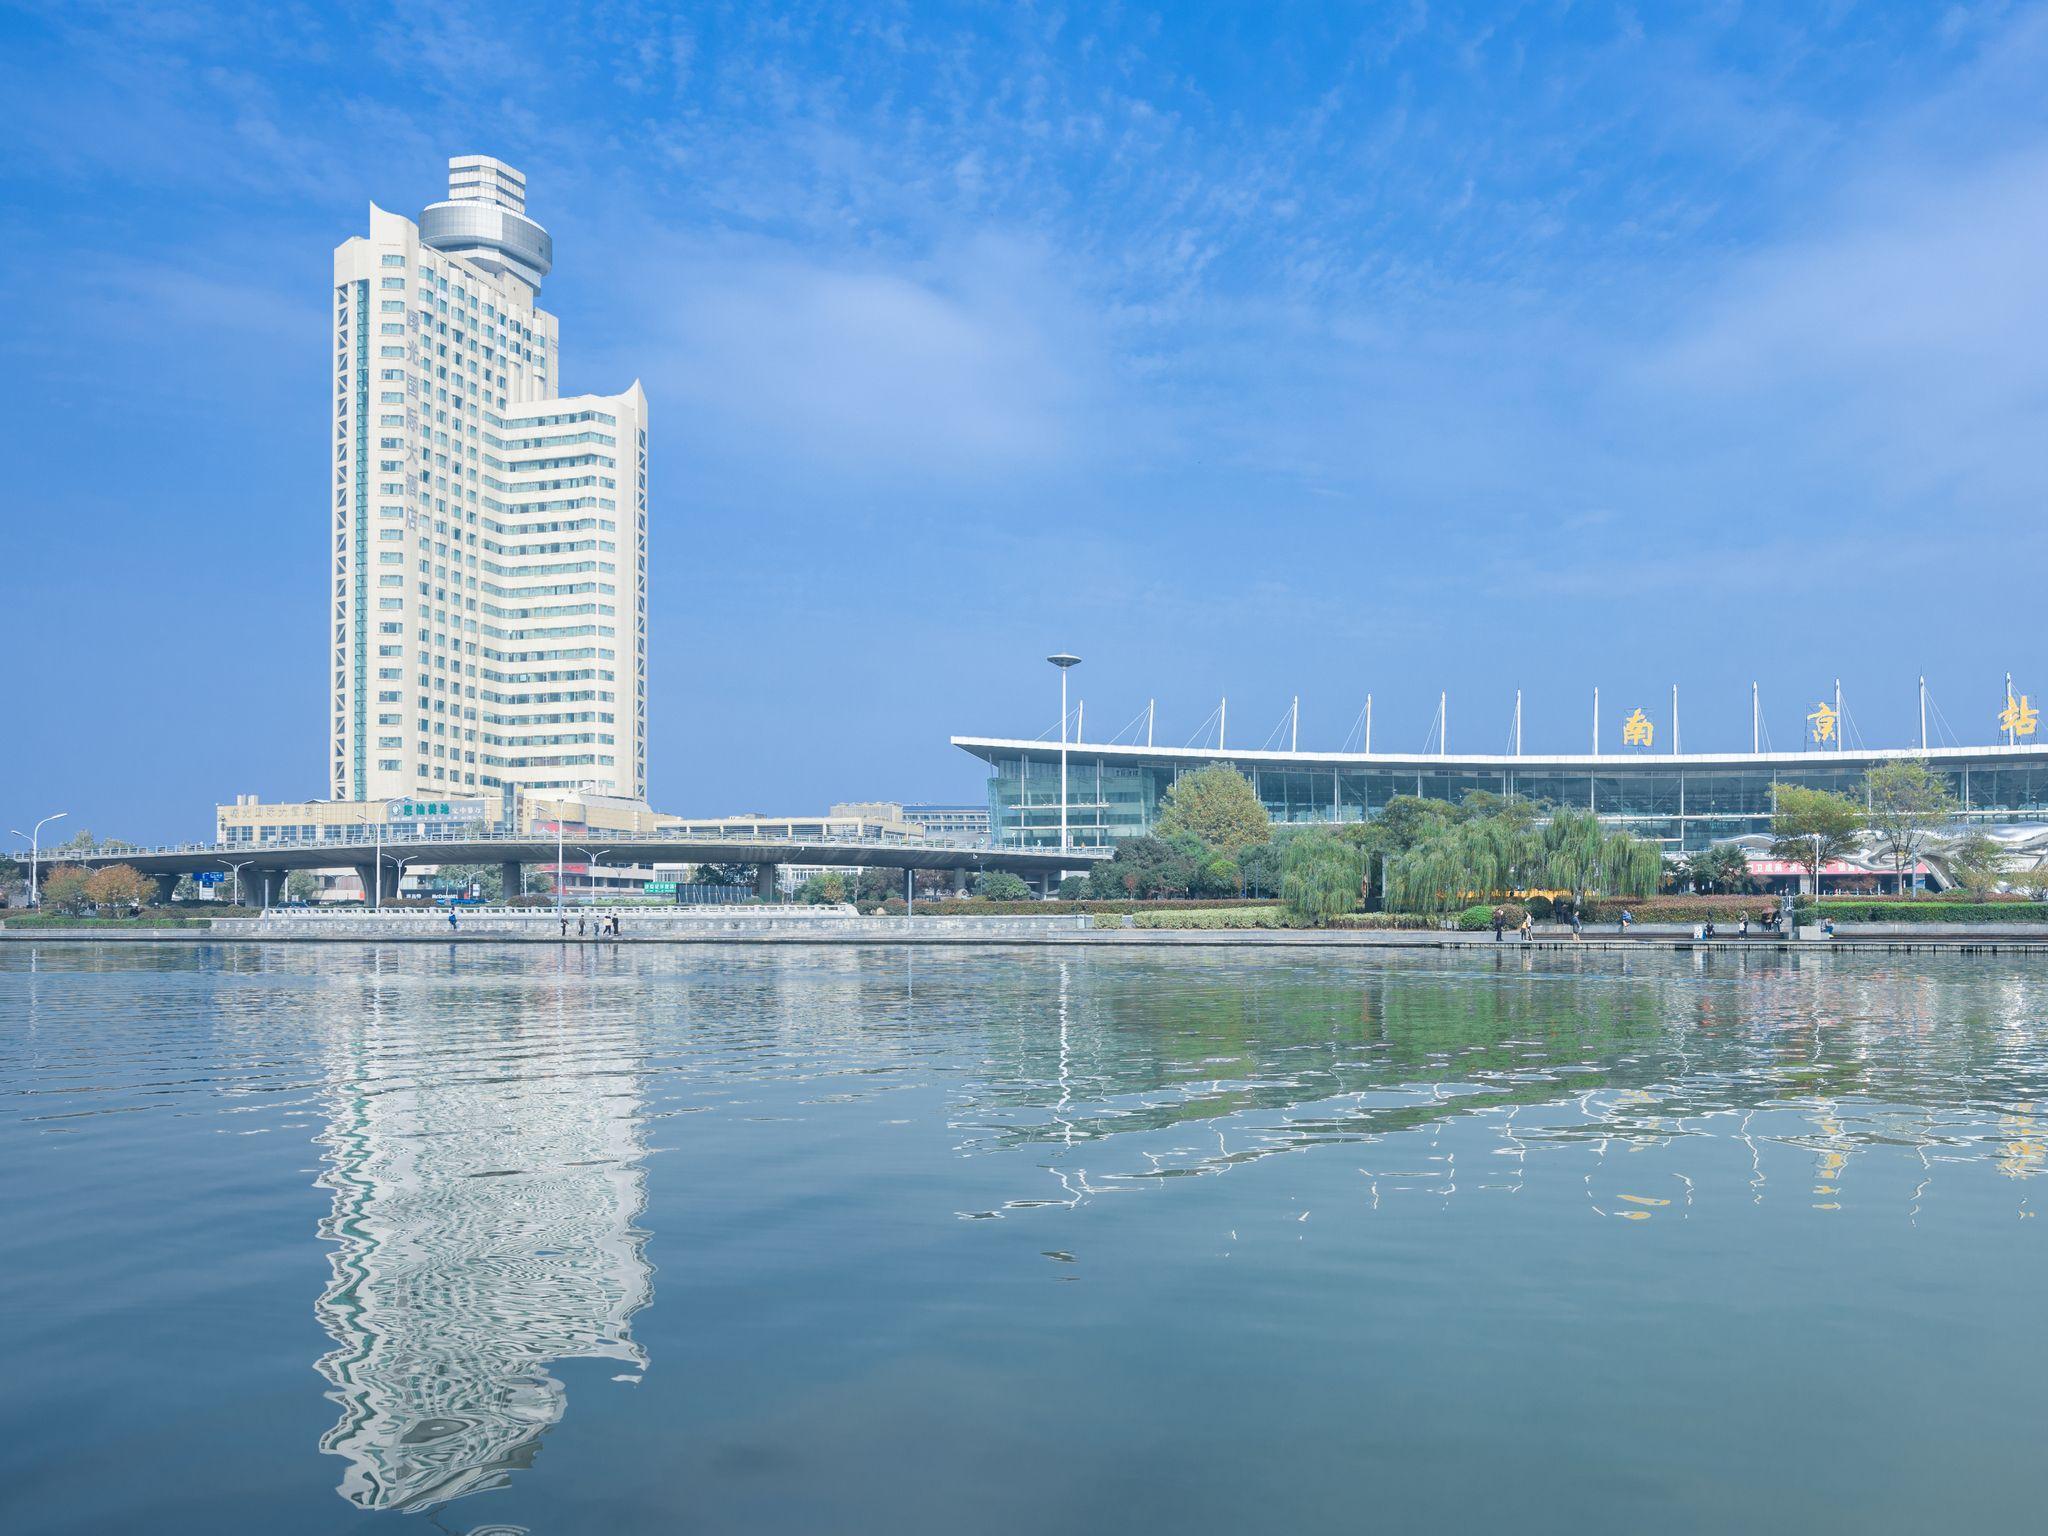 Nanjing Shuguang International Hotel